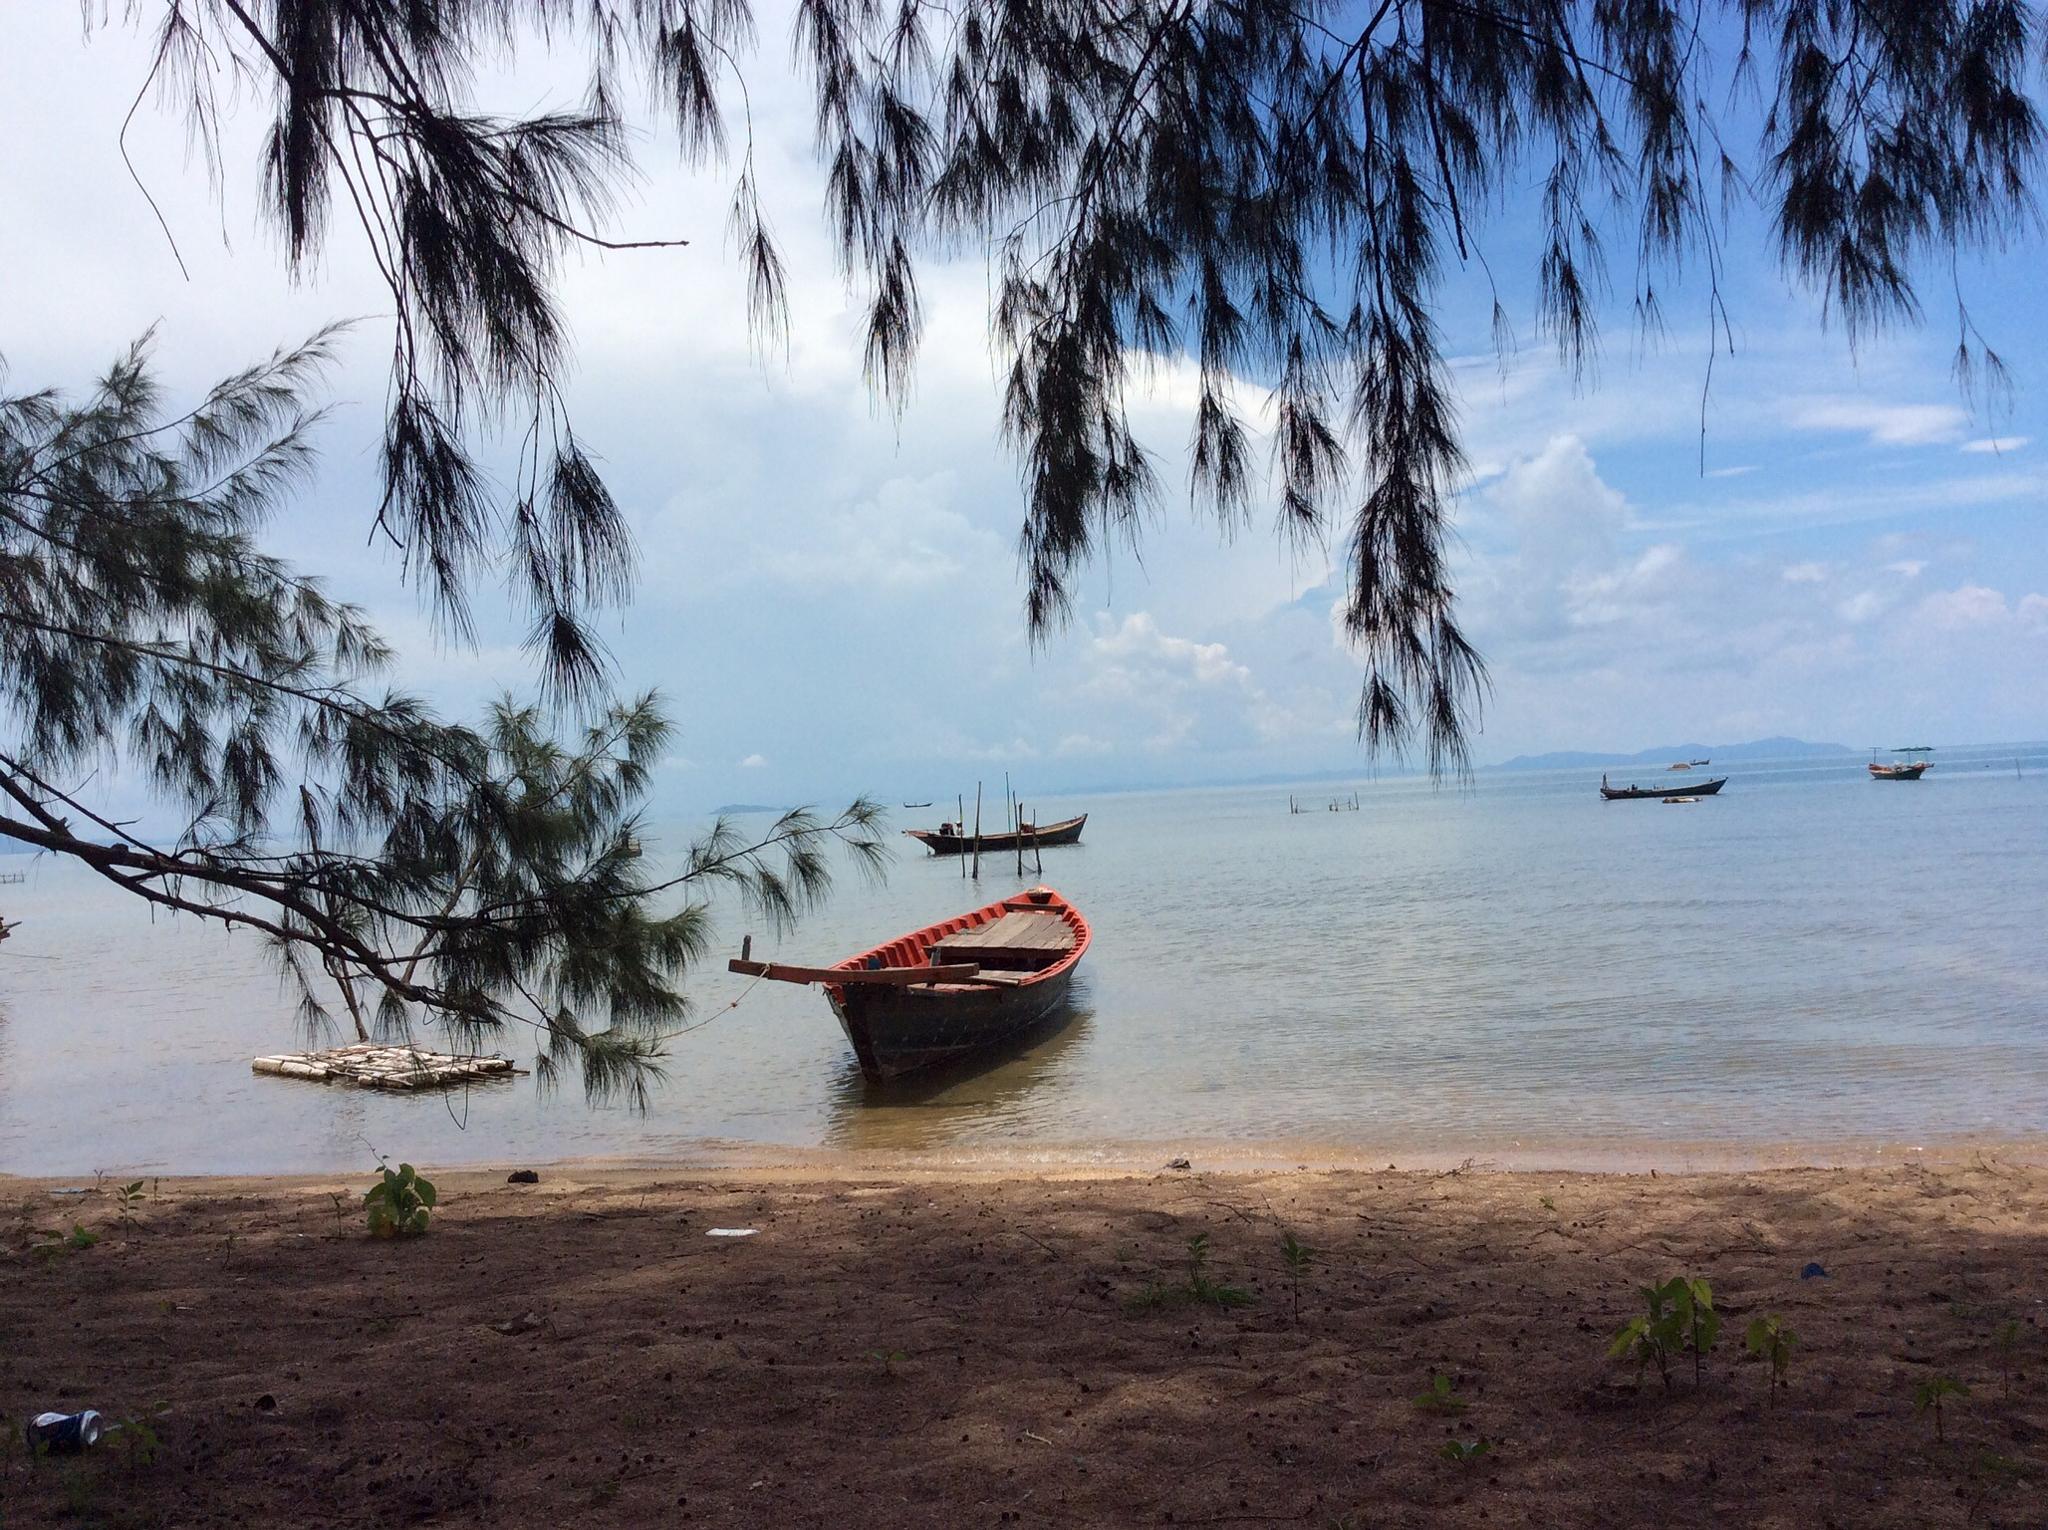 Bãi Thơm - Phú Quốc by Nguyen Hoang